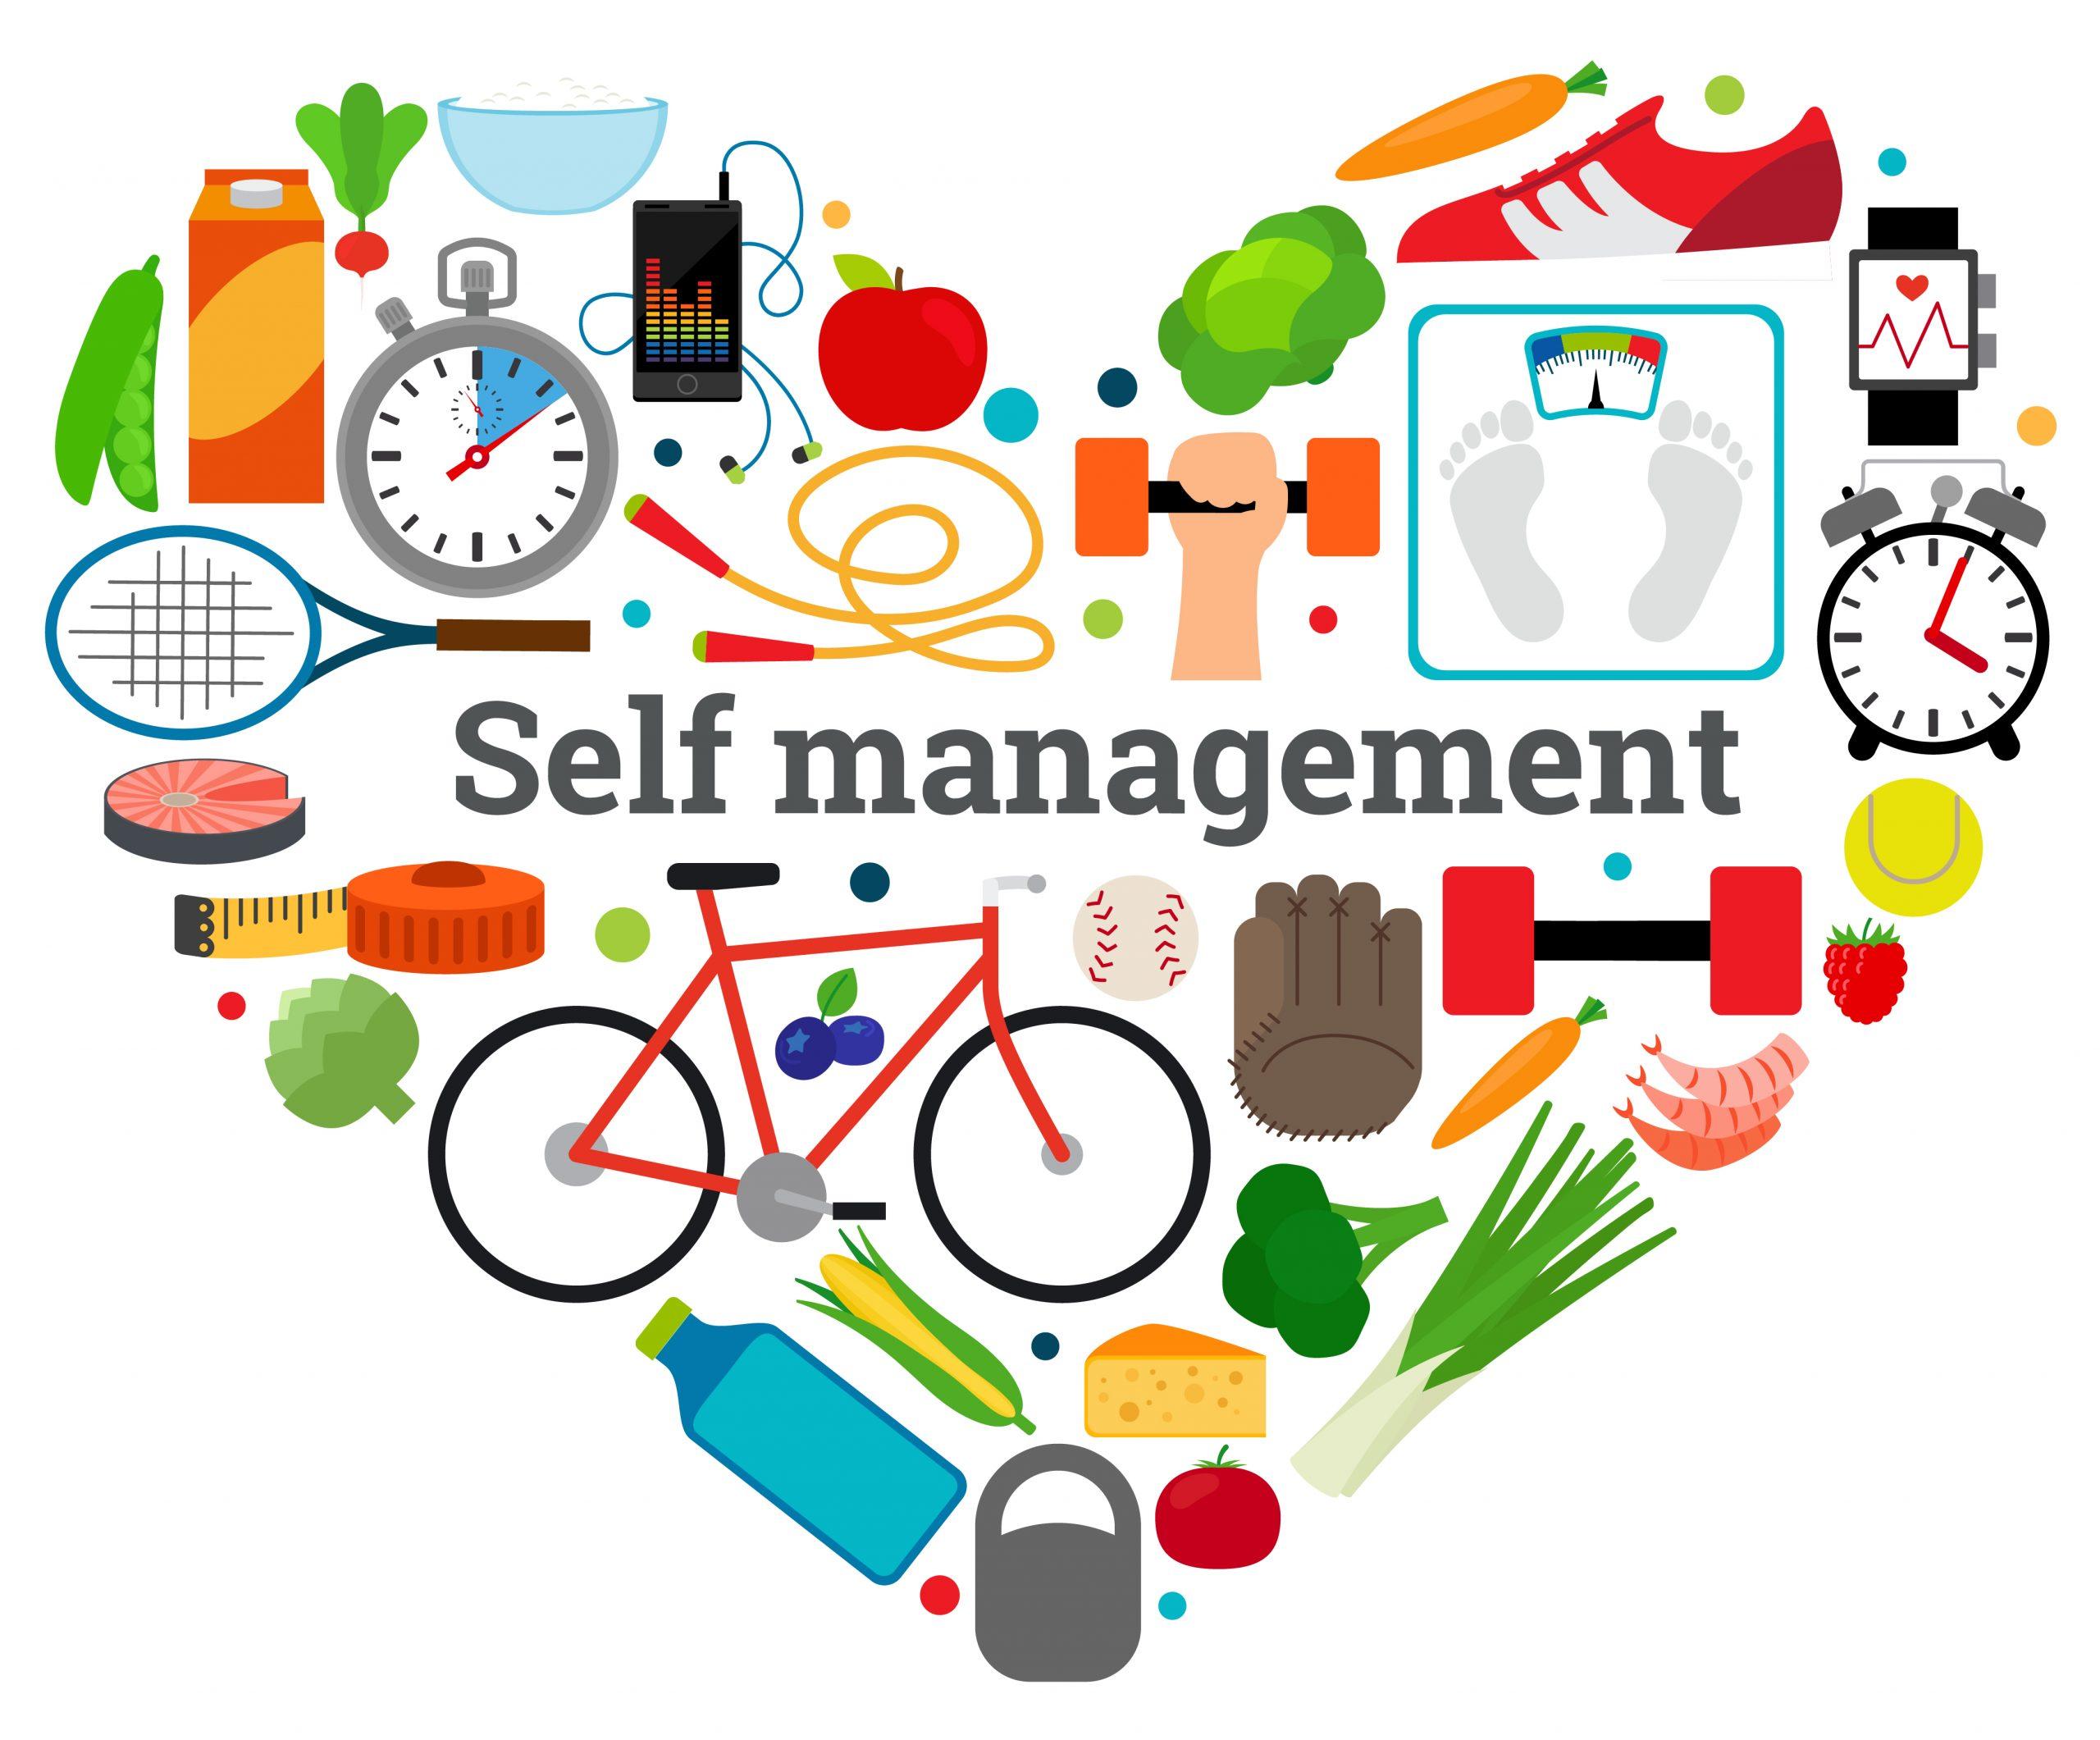 Self management heart